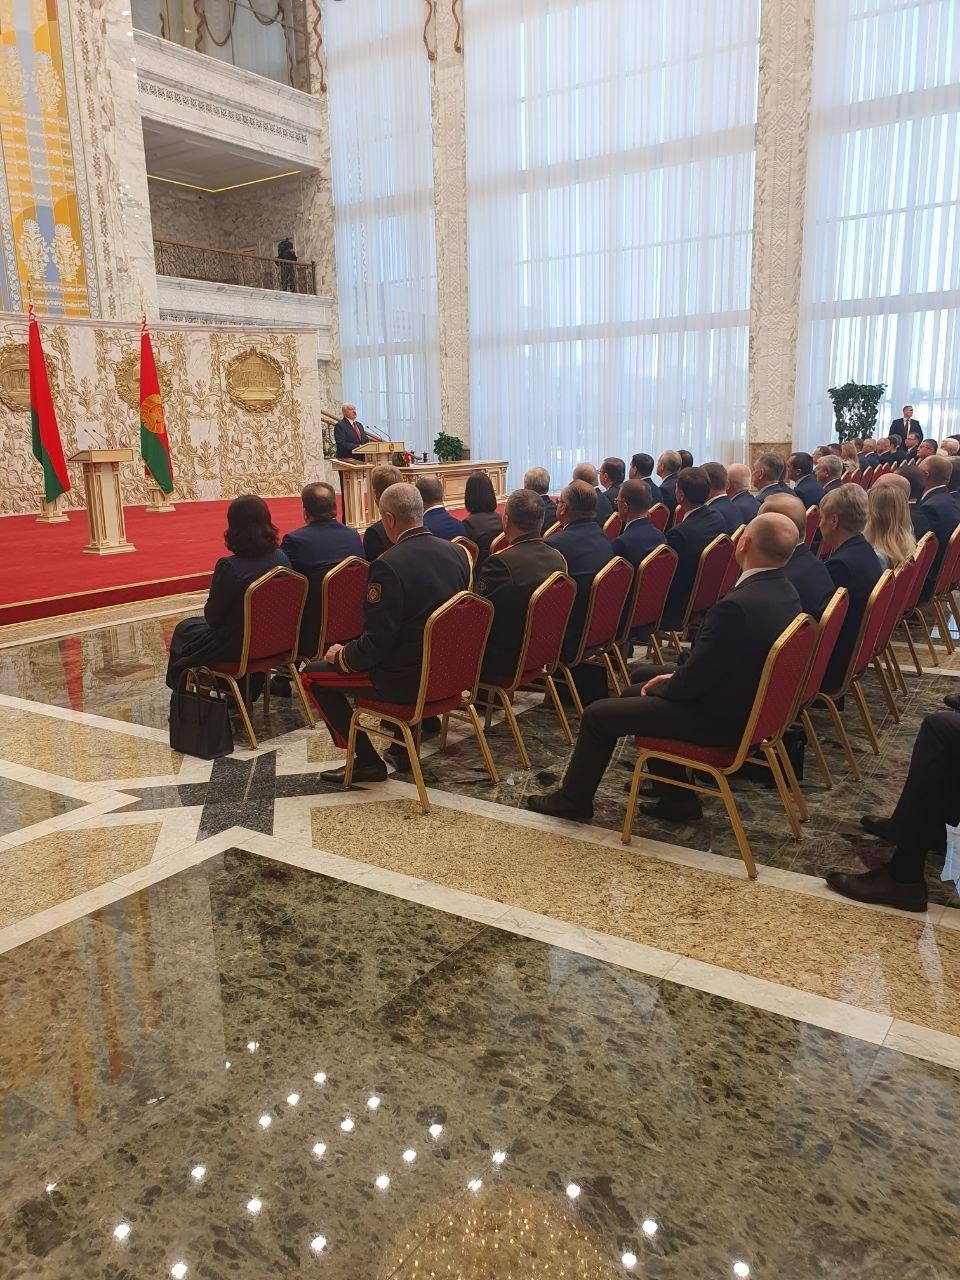 Alexandr Lukașenko a fost învestit în funcția de președinte al Belarusului. În premieră, evenimentul a fost ținut în secret